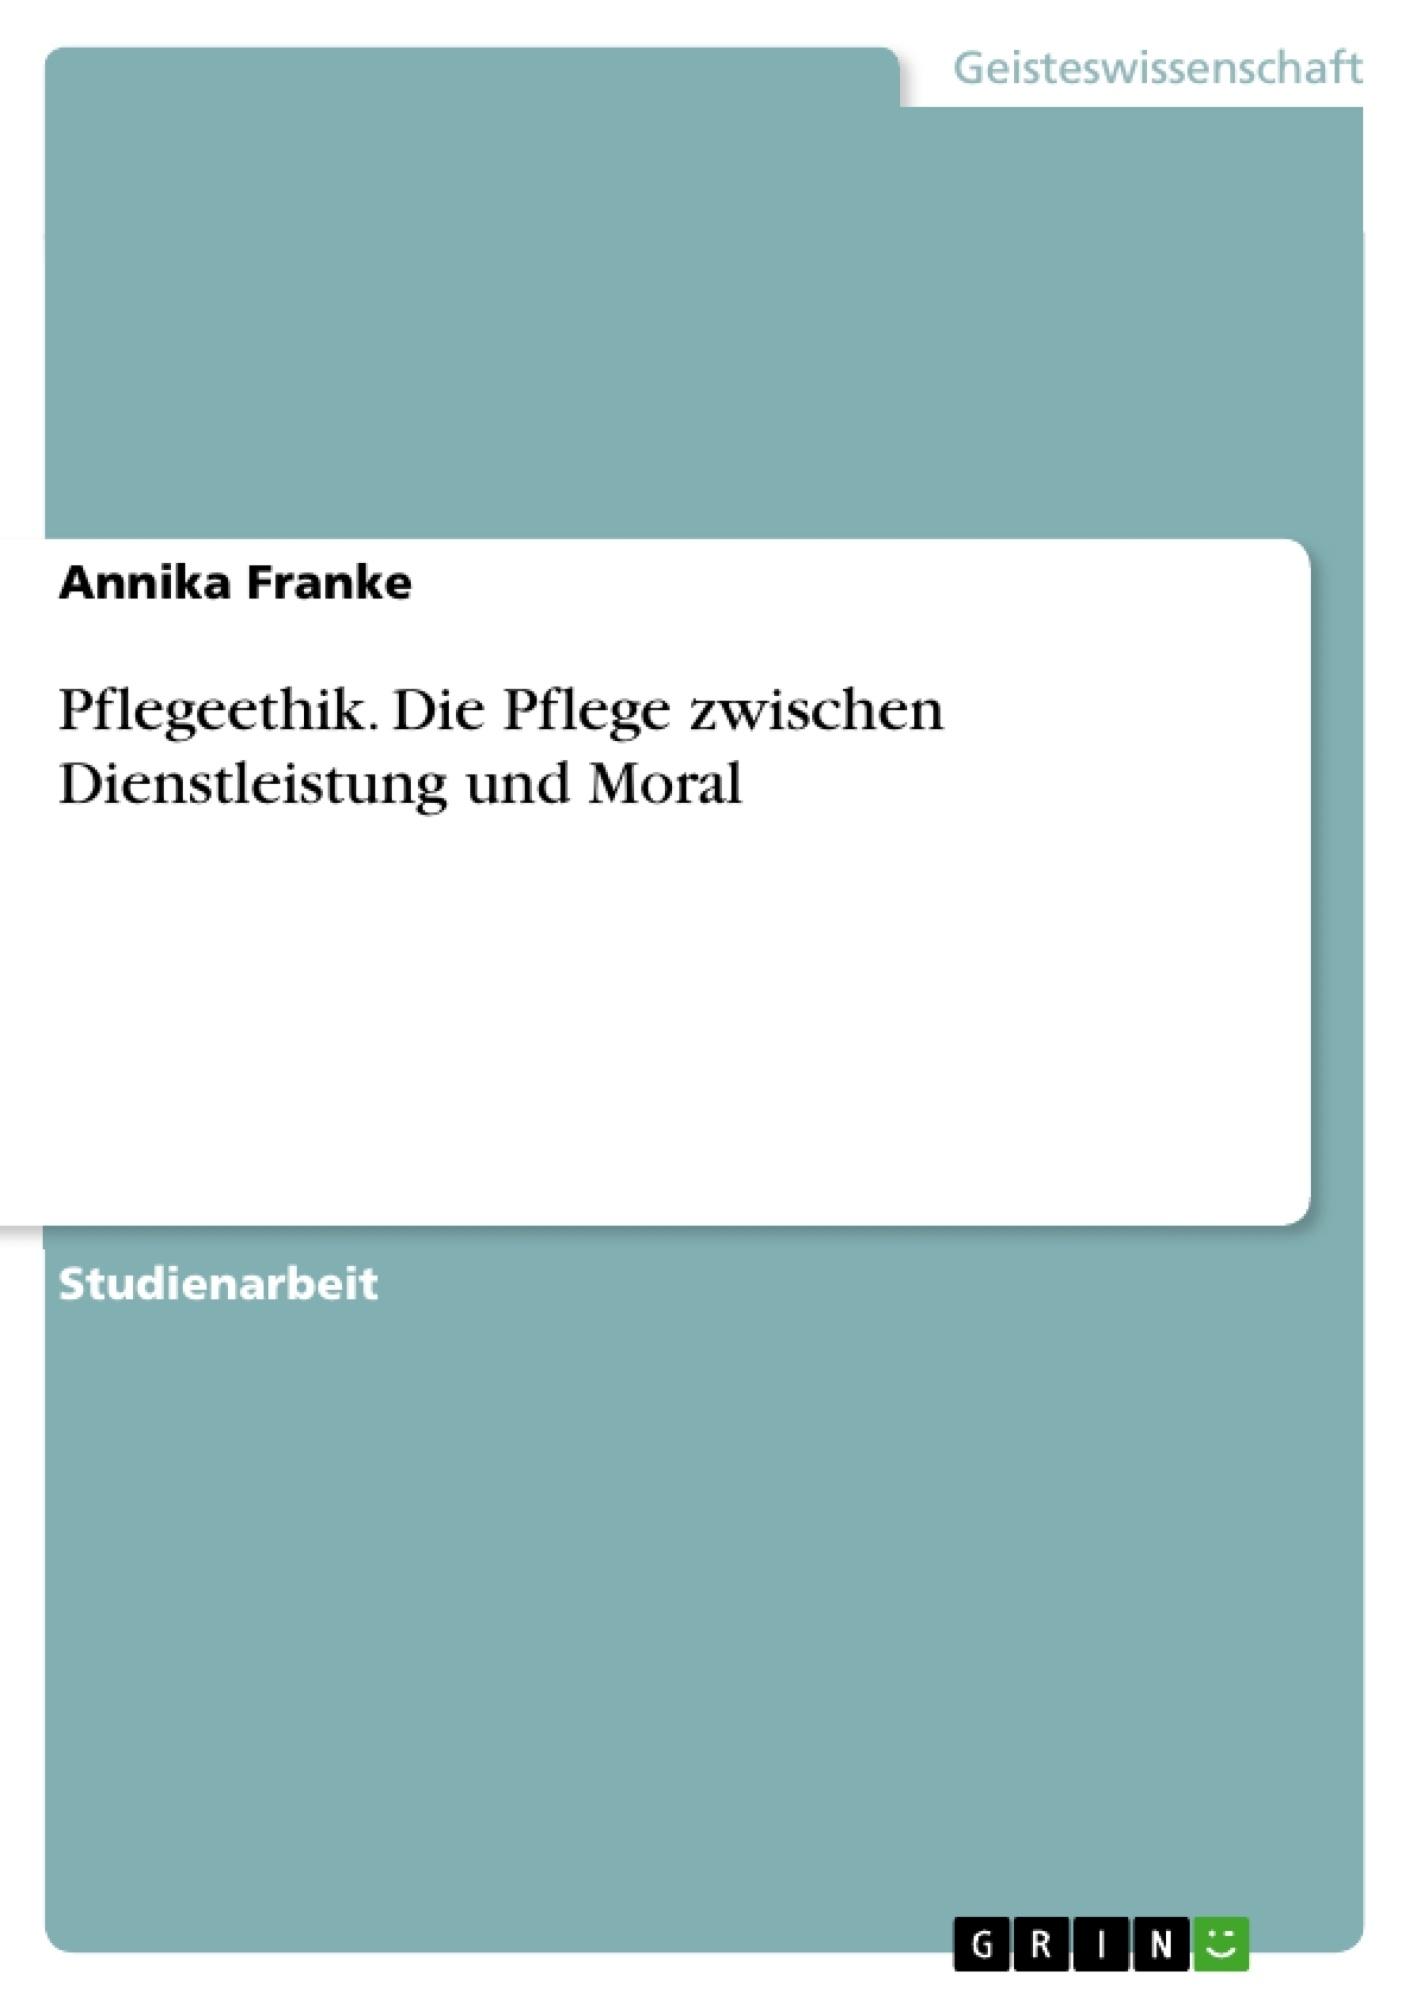 Titel: Pflegeethik. Die Pflege zwischen Dienstleistung und Moral